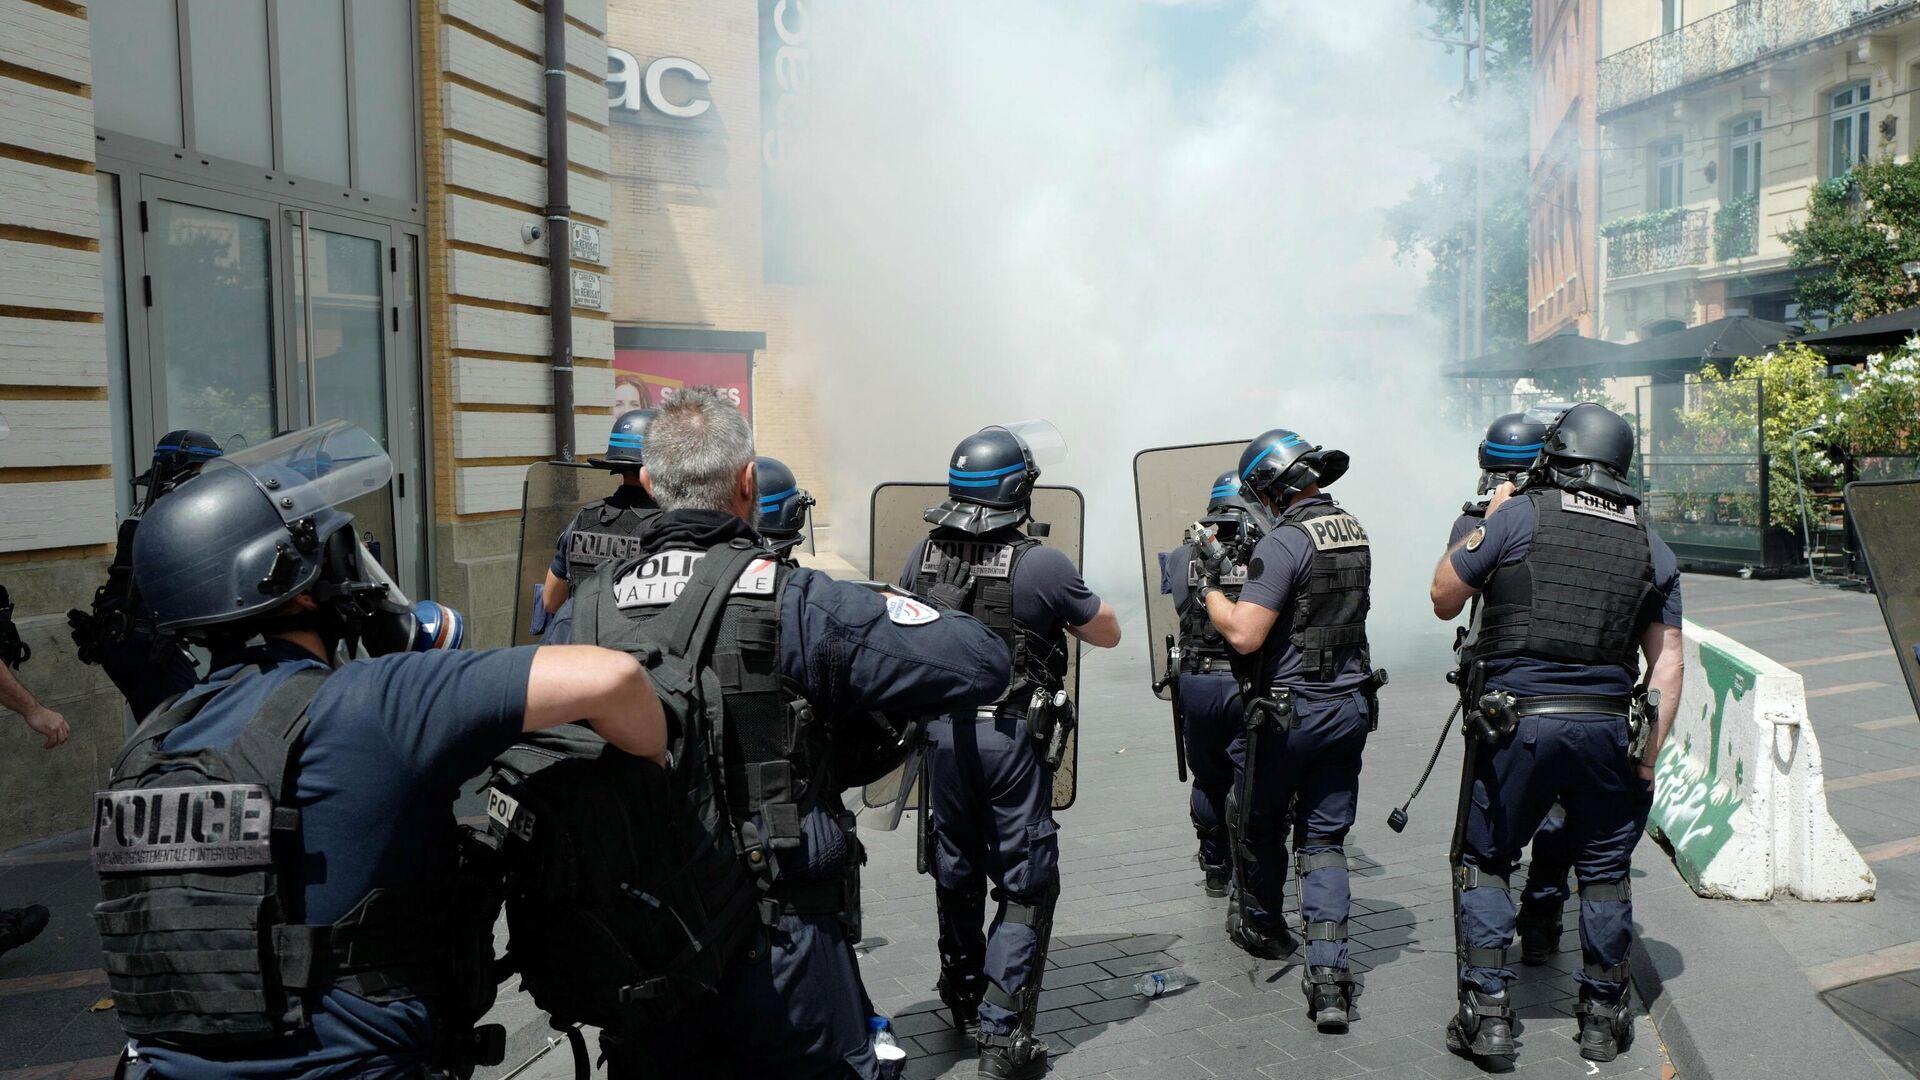 Polizei setzt Tränengas bei einer Corona-Pass-Demonstration ein - SNA, 1920, 09.10.2021